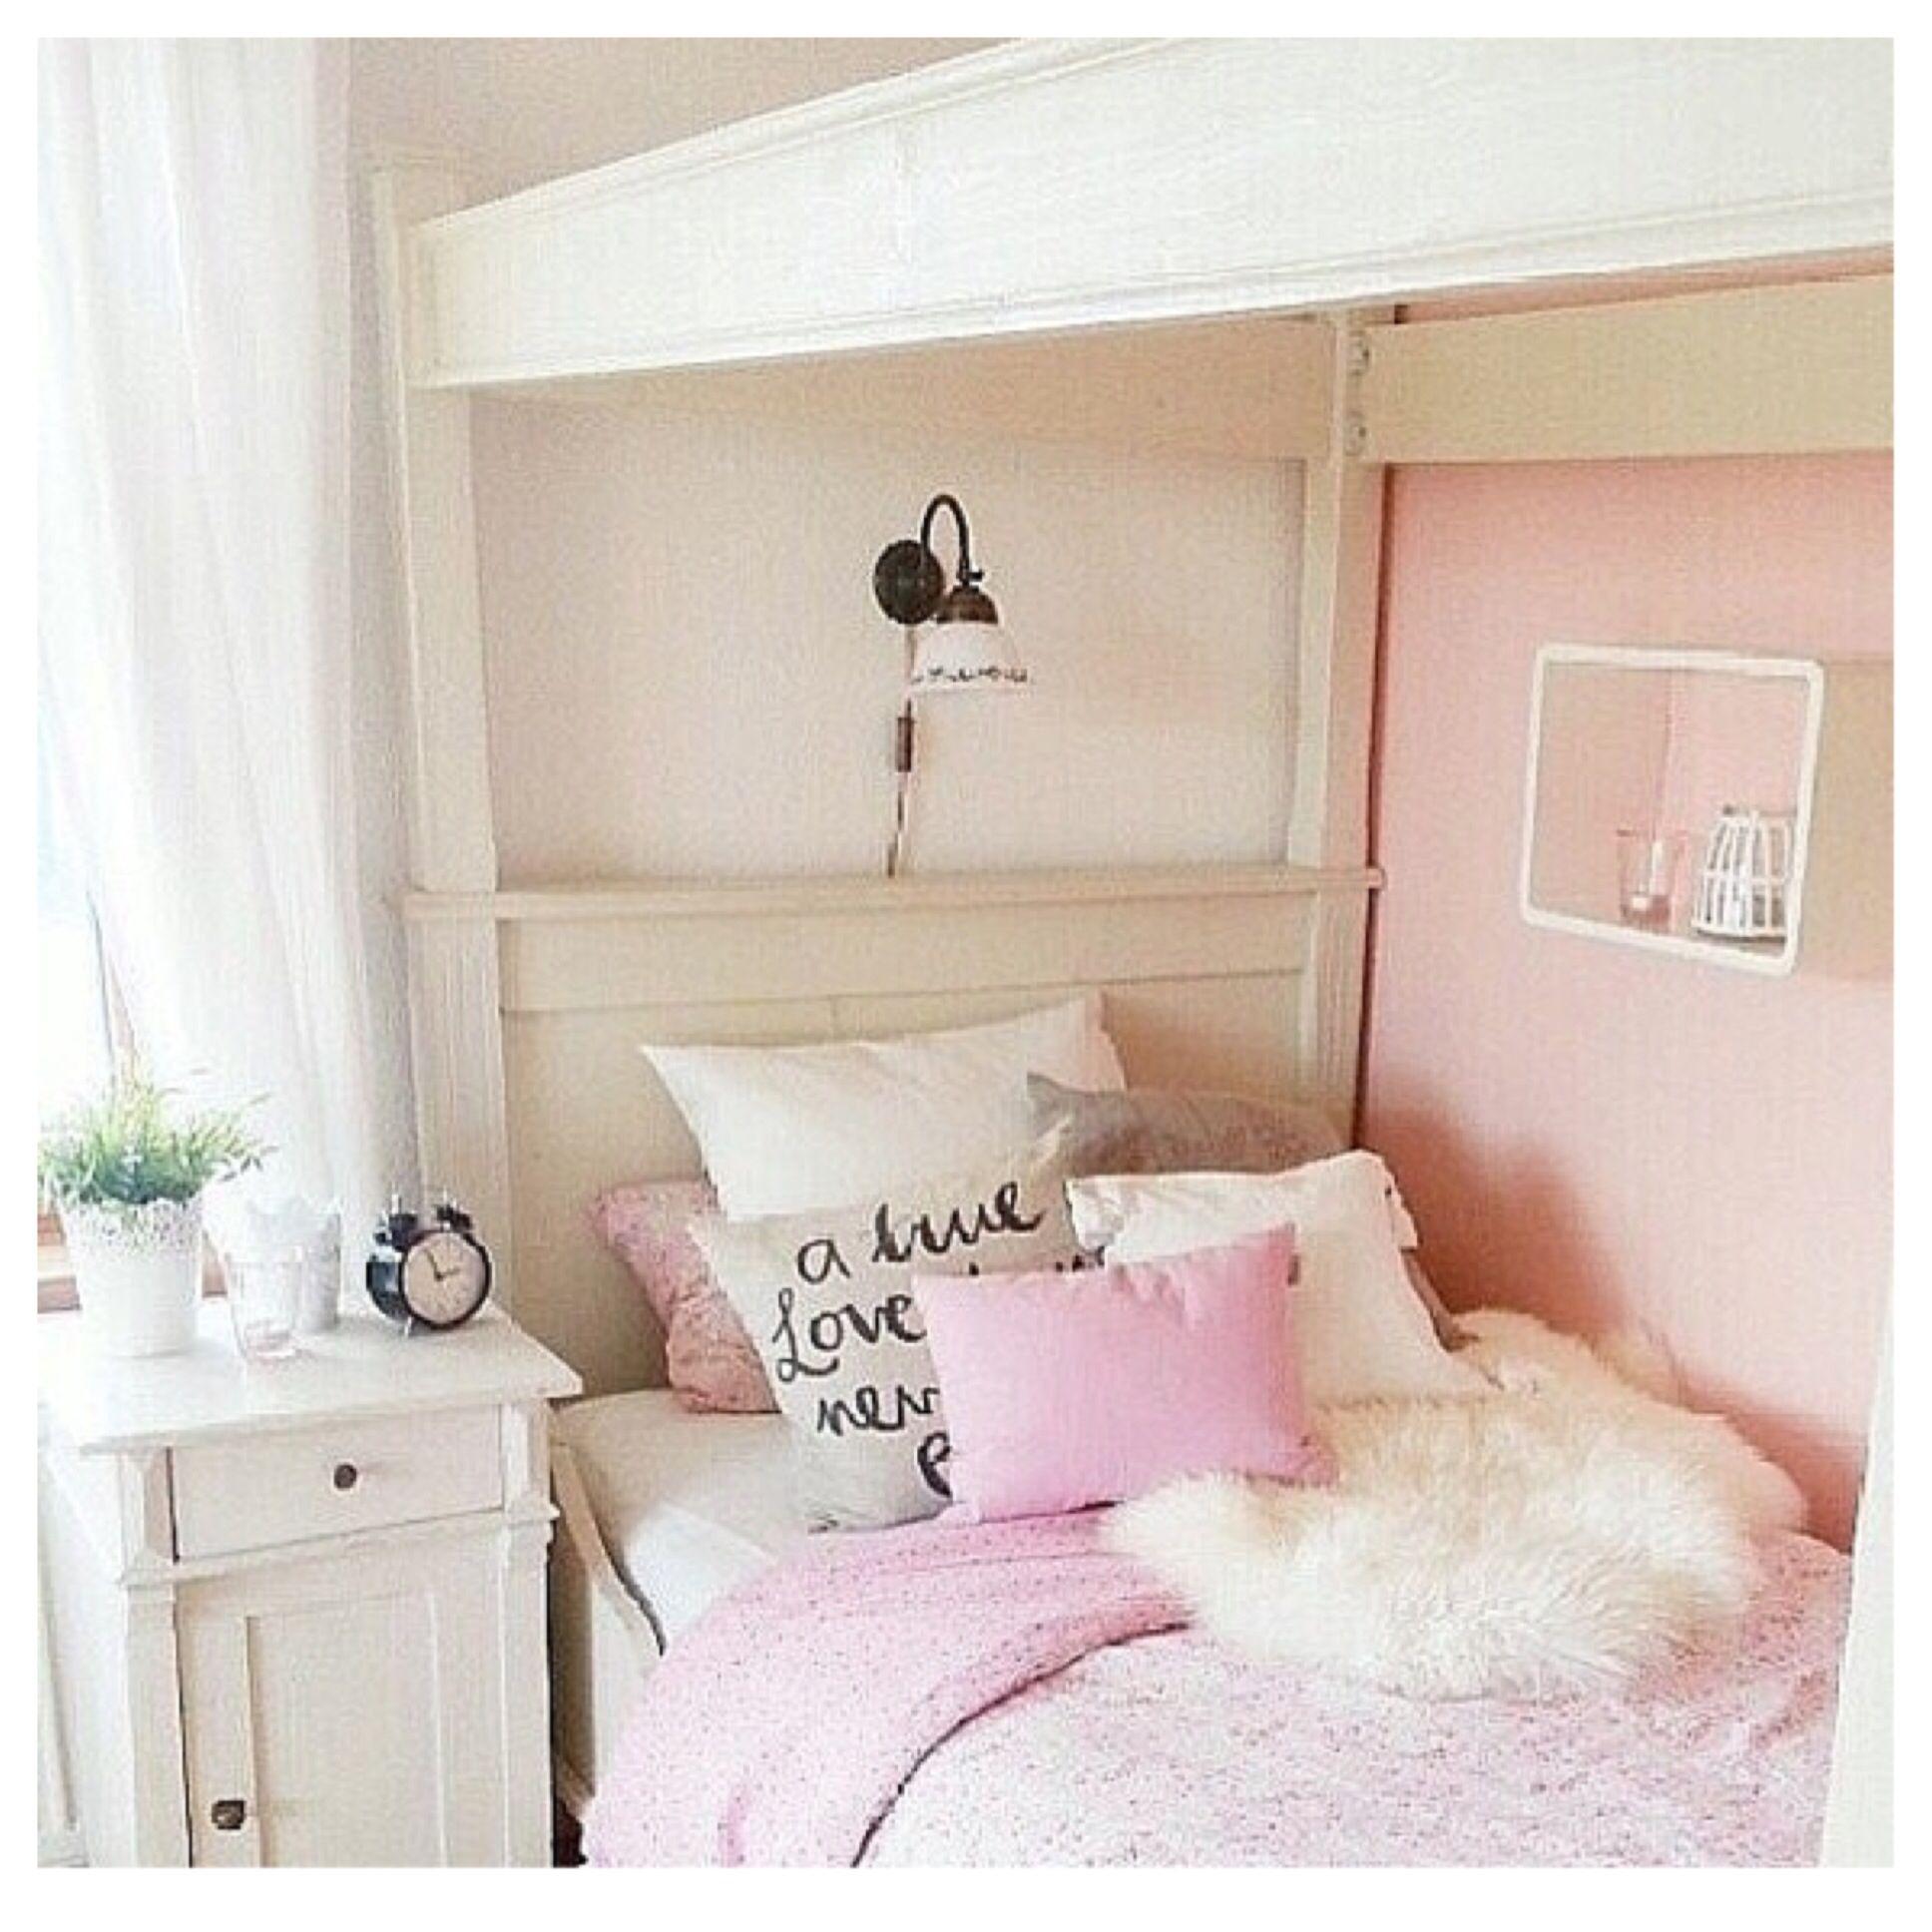 Pin de georgia haritos en bed rooms pinterest ideas - Decoracion vintage dormitorio ...